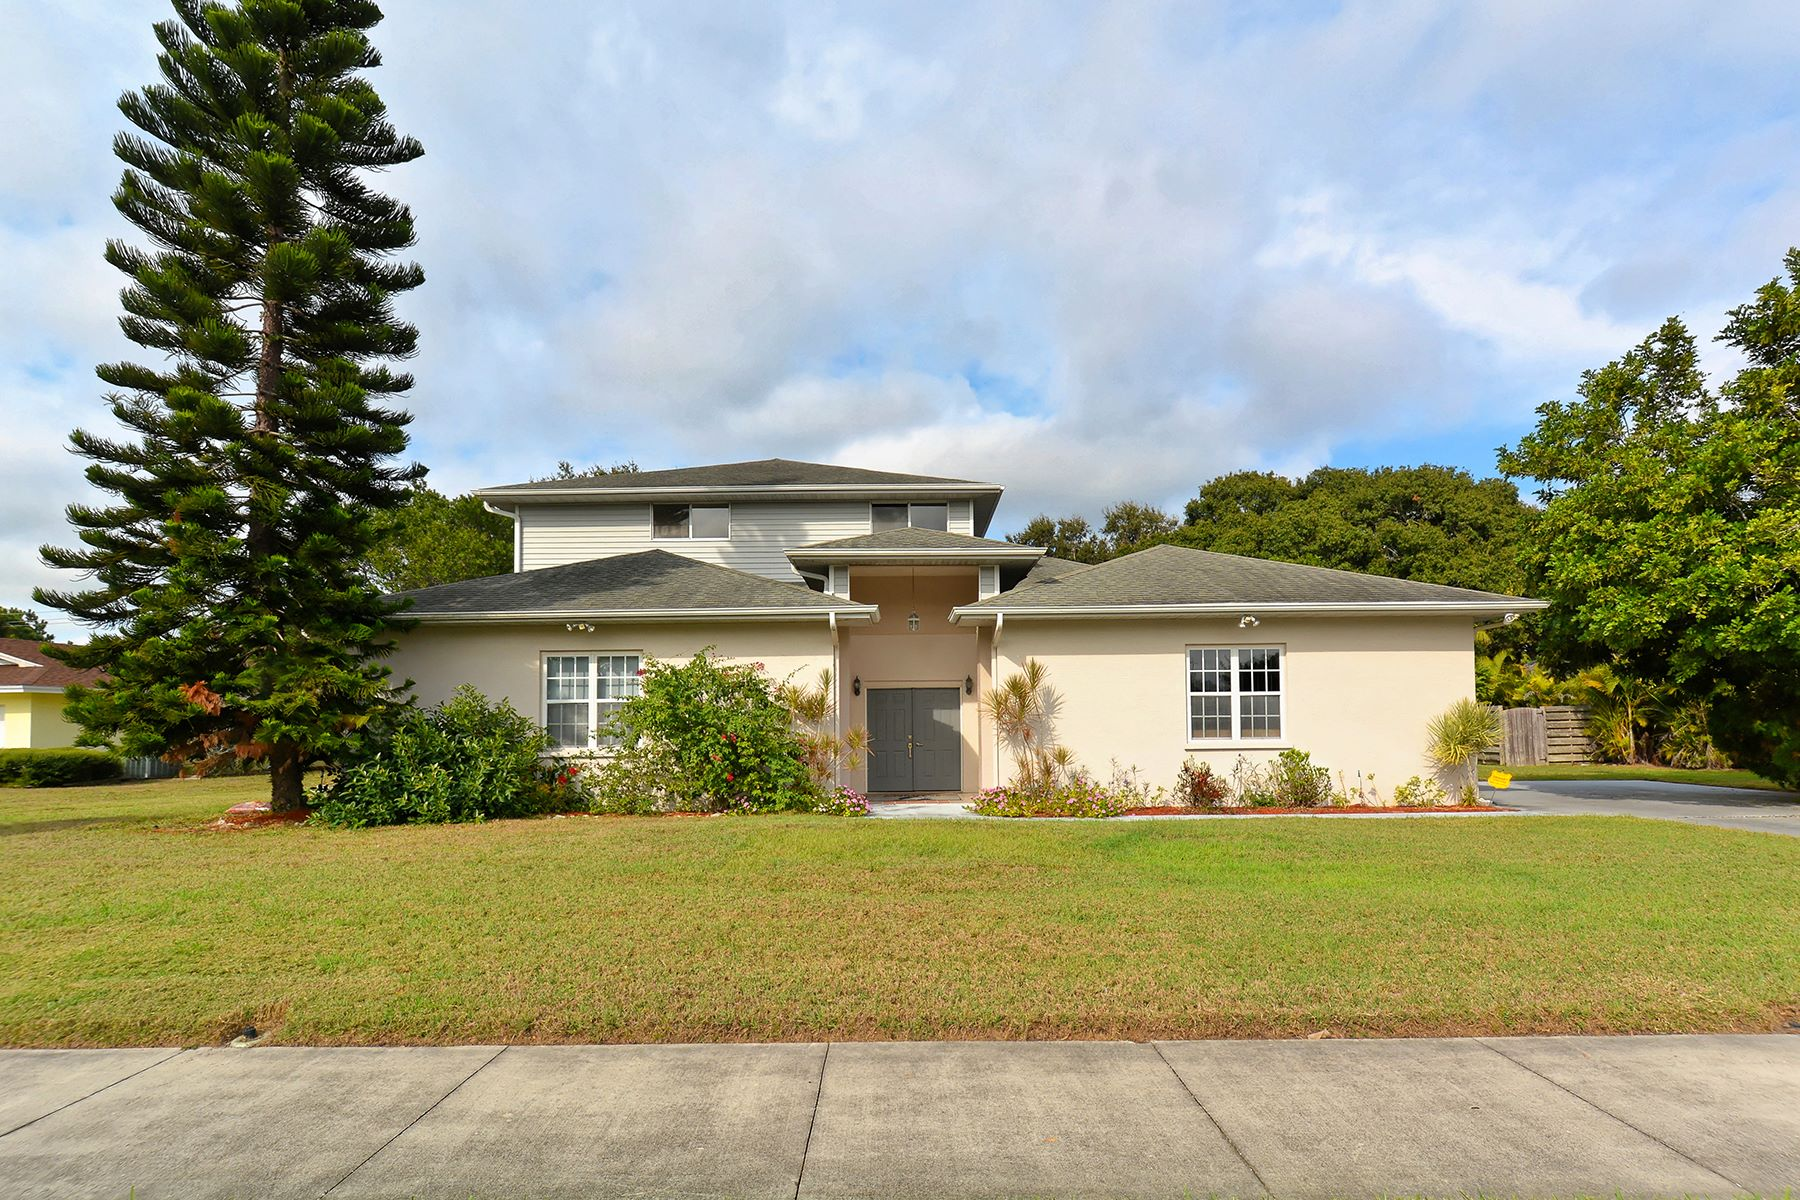 Casa para uma família para Venda às WHITFIELD ESTATES 437 Whitfield Ave Sarasota, Florida, 34243 Estados Unidos